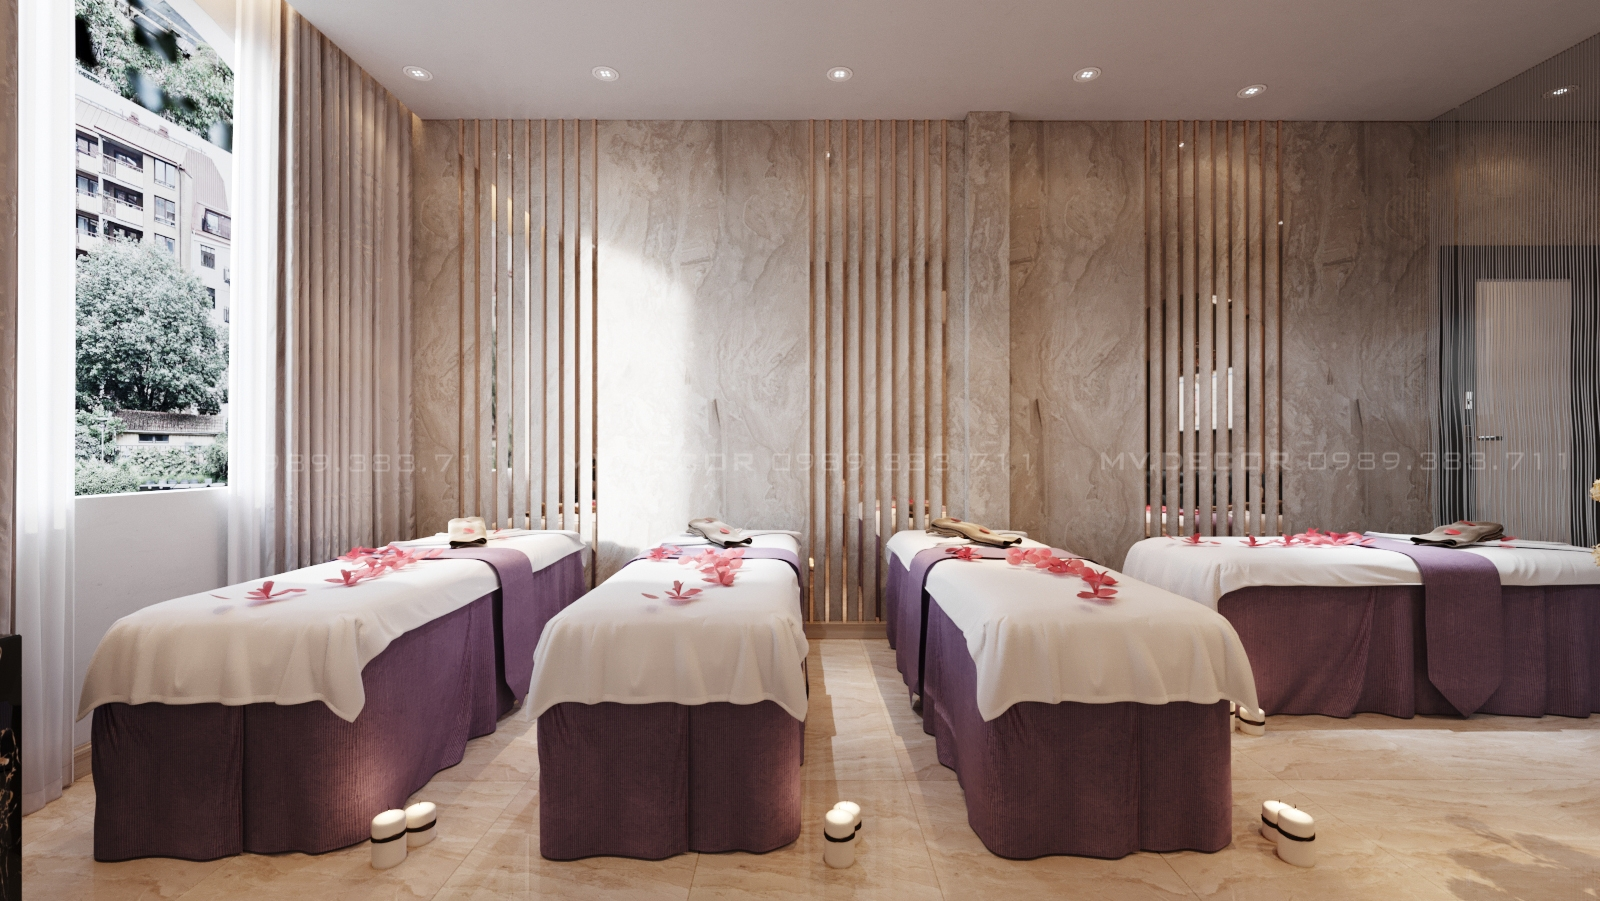 thiết kế nội thất Spa tại Hồ Chí Minh CHI NHÁNH MI HƯƠNG SPA HỒ CHÍ MINH 12 1562719799